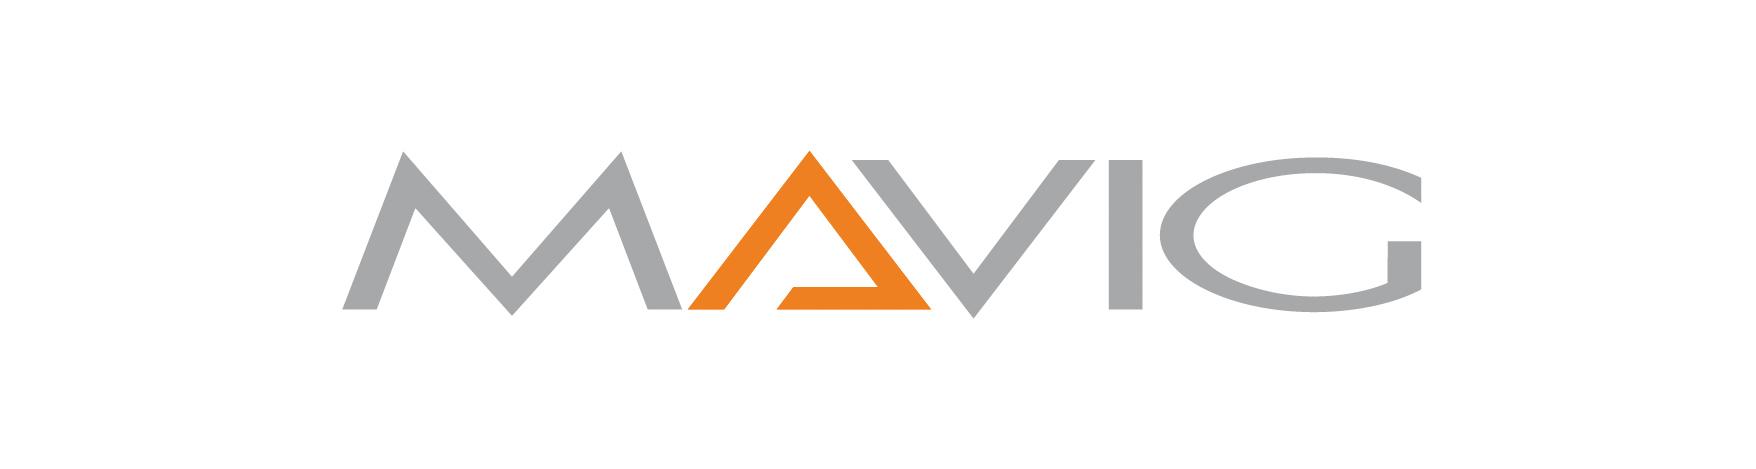 MAVIG_Logo_RGB.jpg